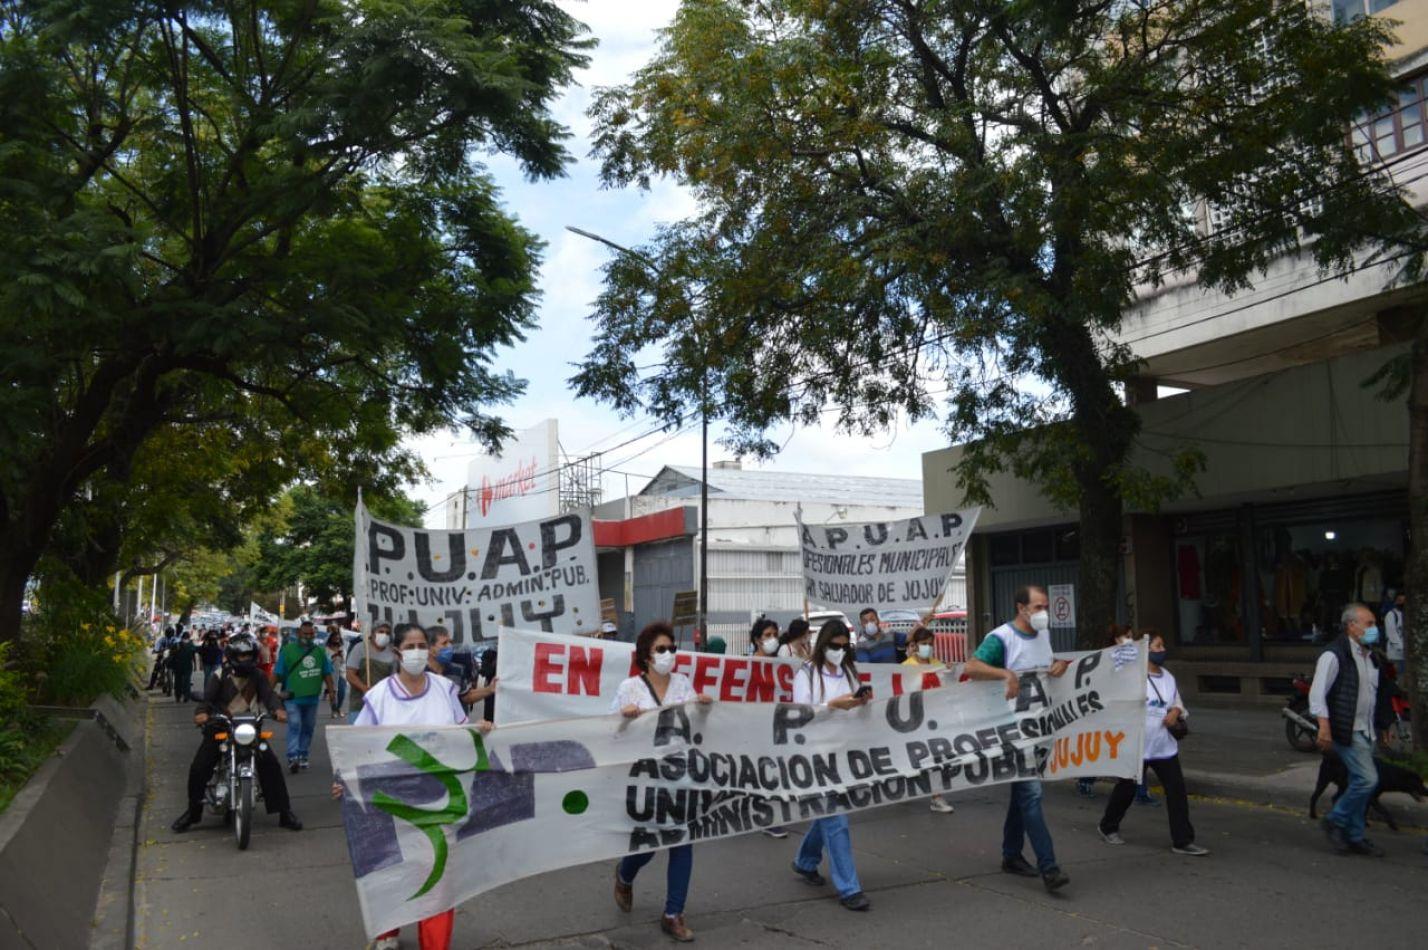 Señalan que los datos del covid en Jujuy responden a la estrategia de Morales de adelantar las elecciones